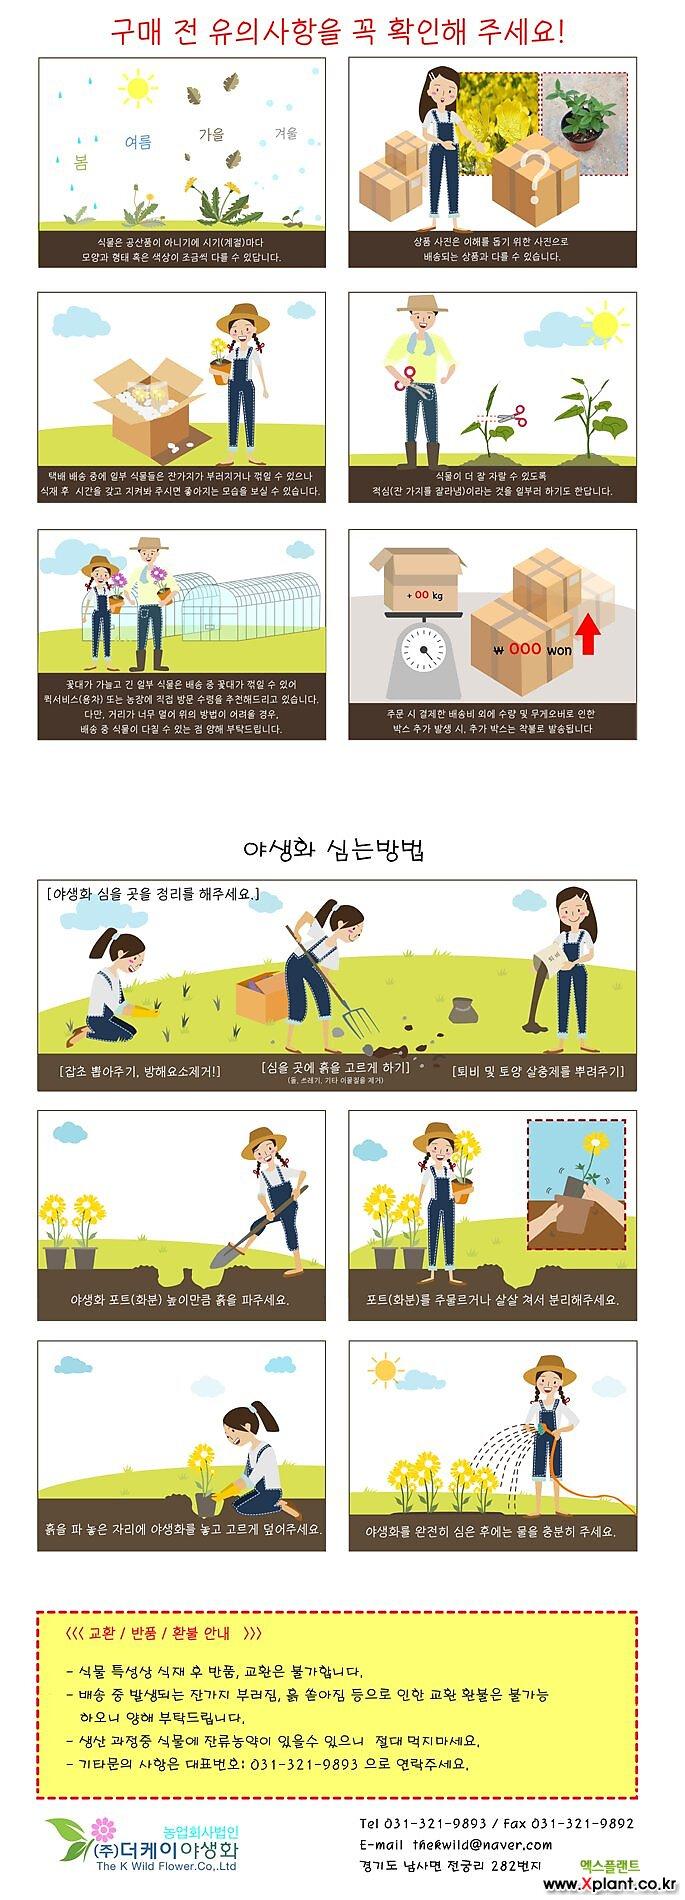 수선화 핑크파라솔(4치포트)[더케이야생화]